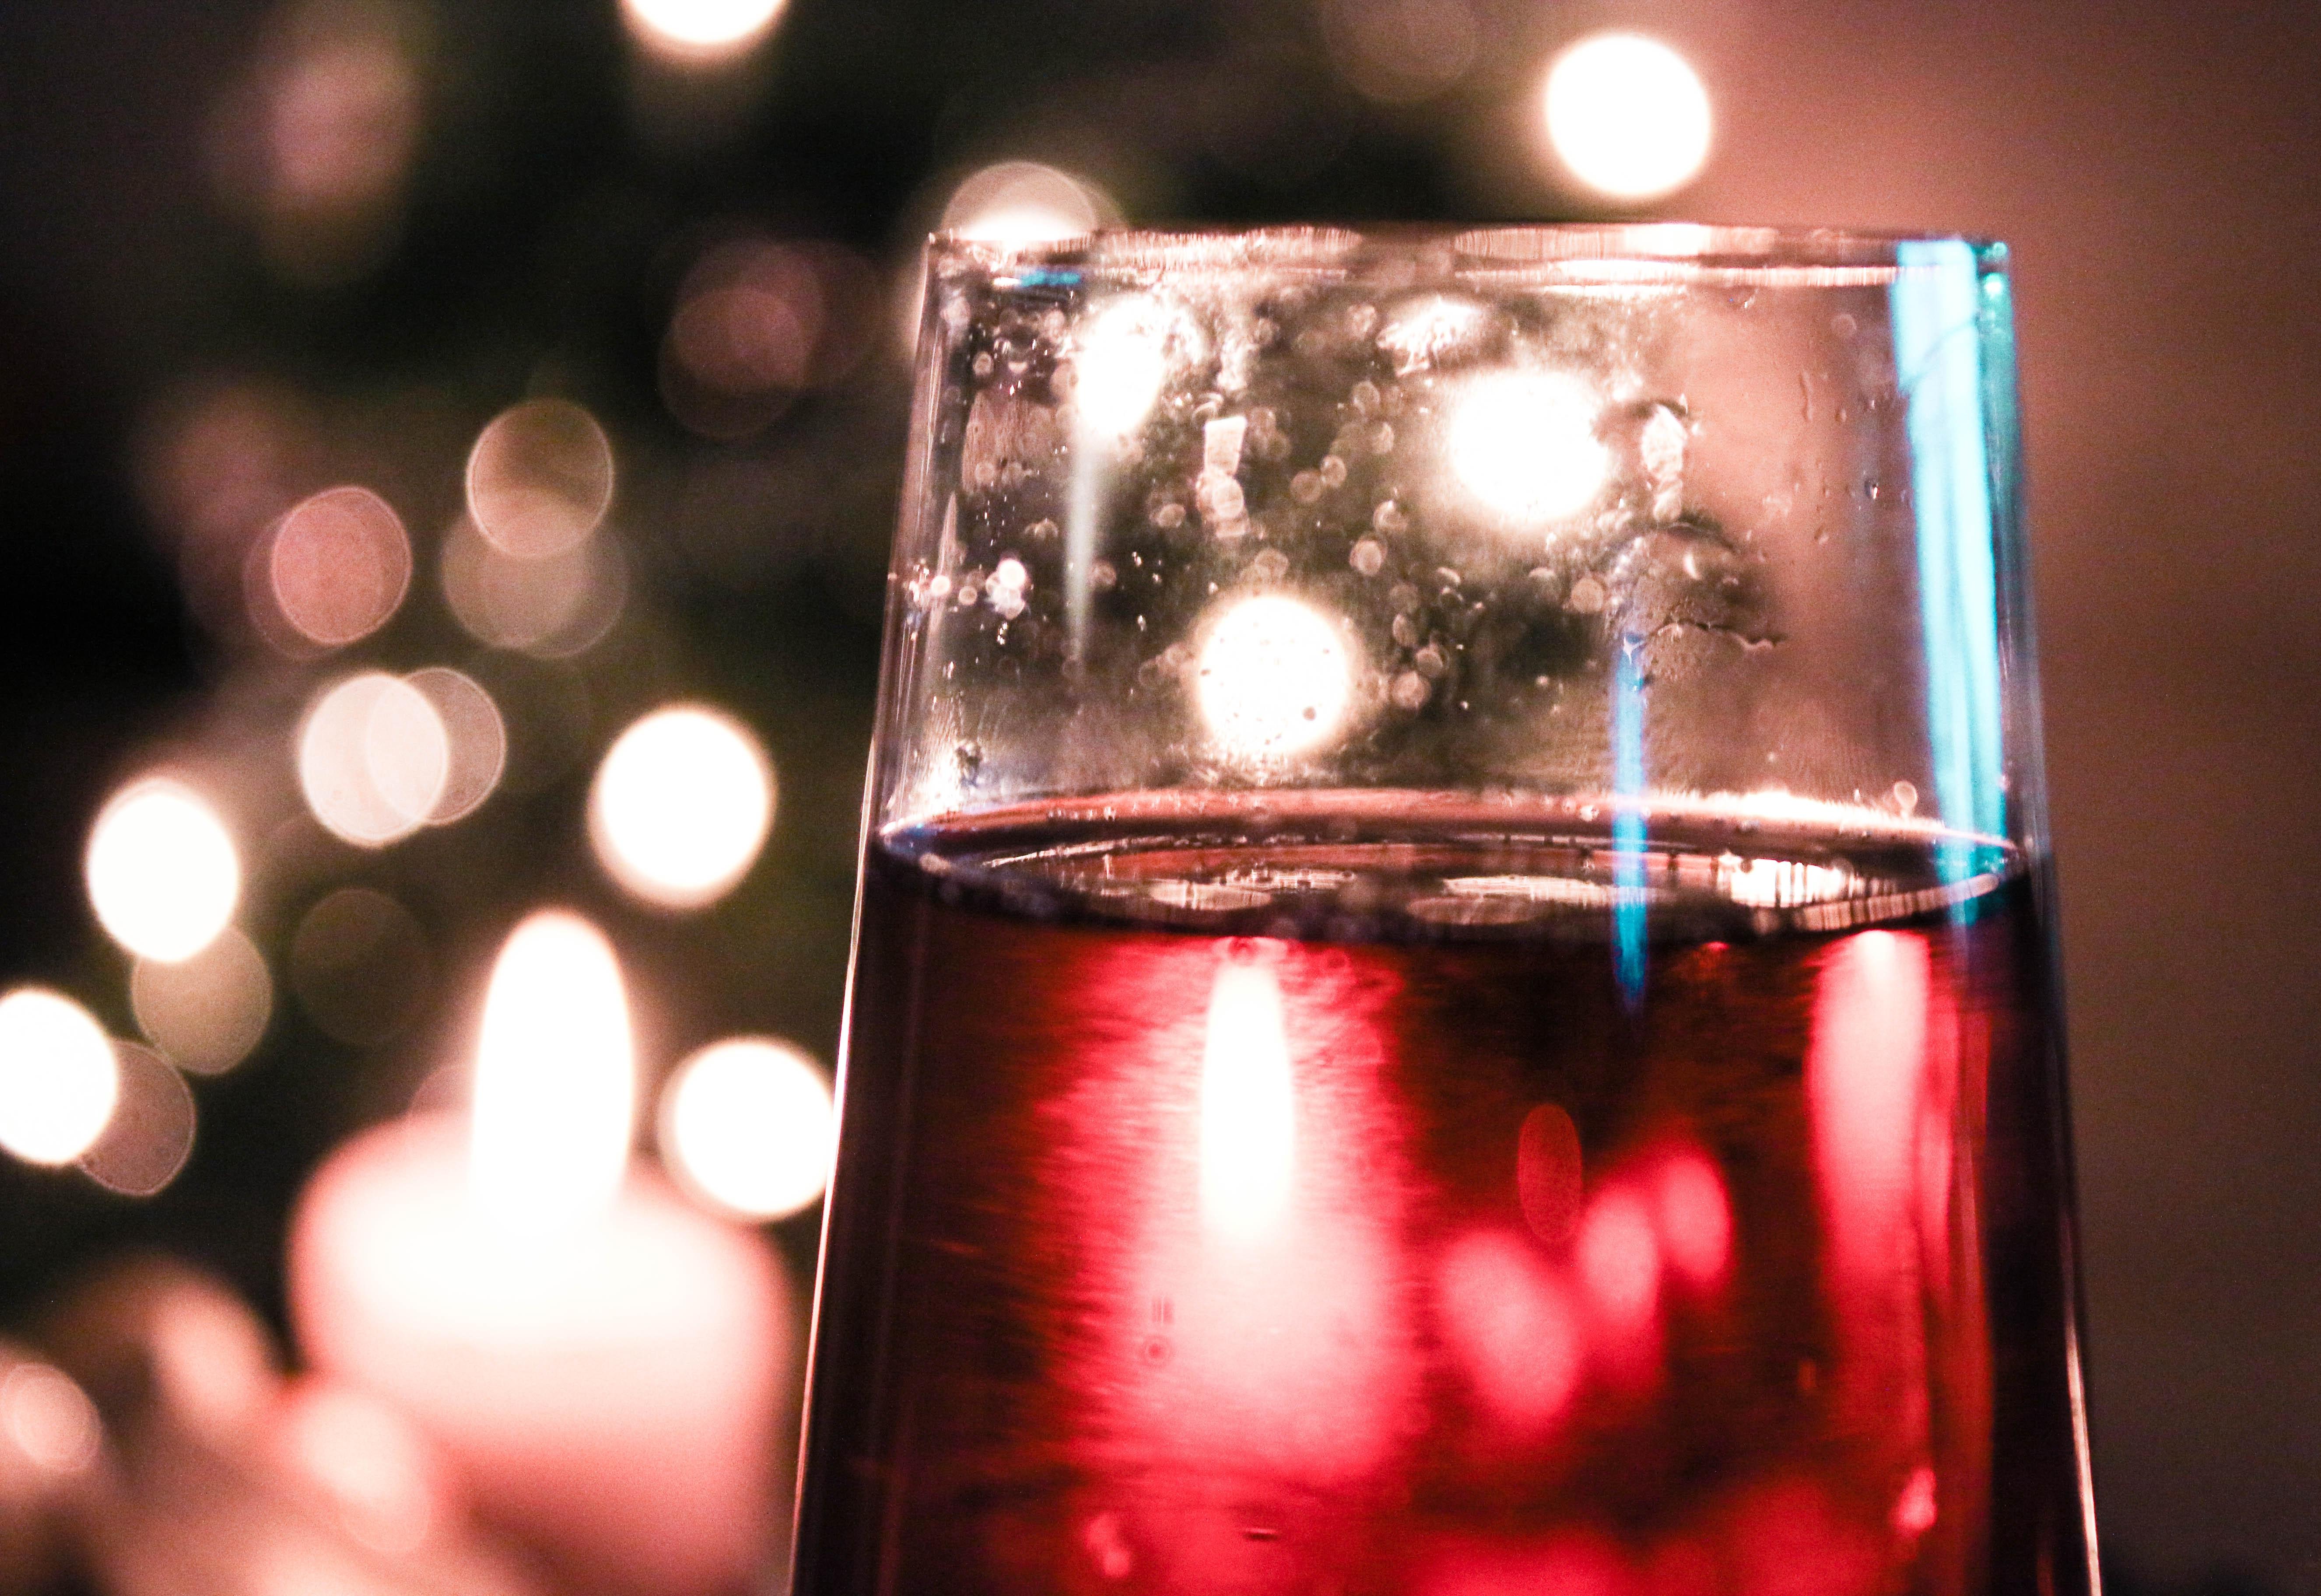 Free stock photo of christmas, christmas balls, cocktail glass